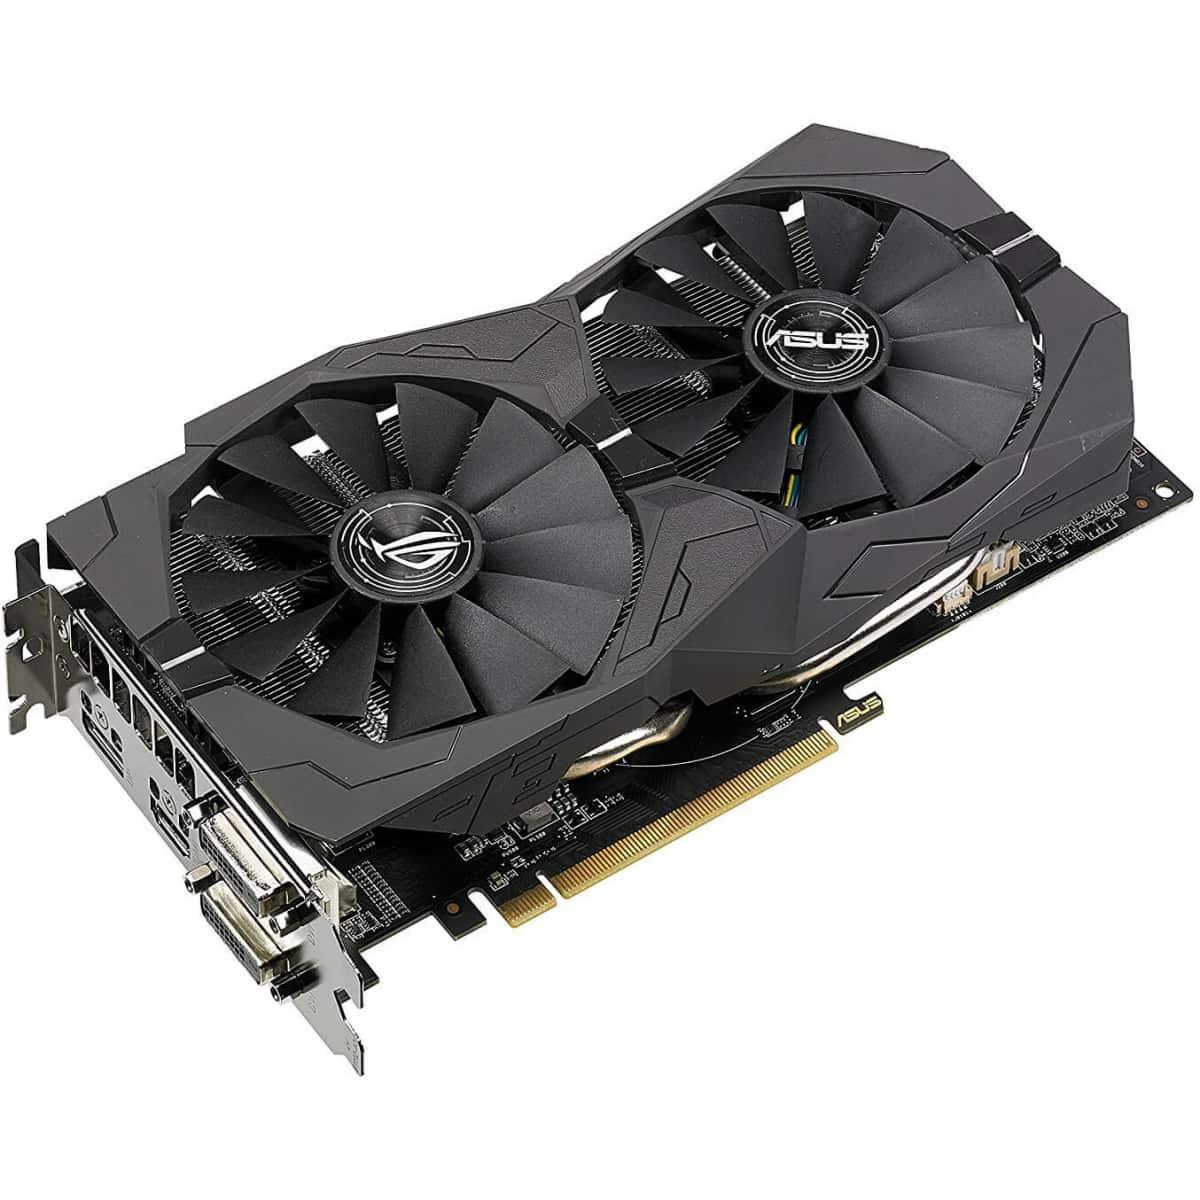 Placa de Vídeo ASUS Radeon RX 570 ROG STRIX OC 4GB Gaming